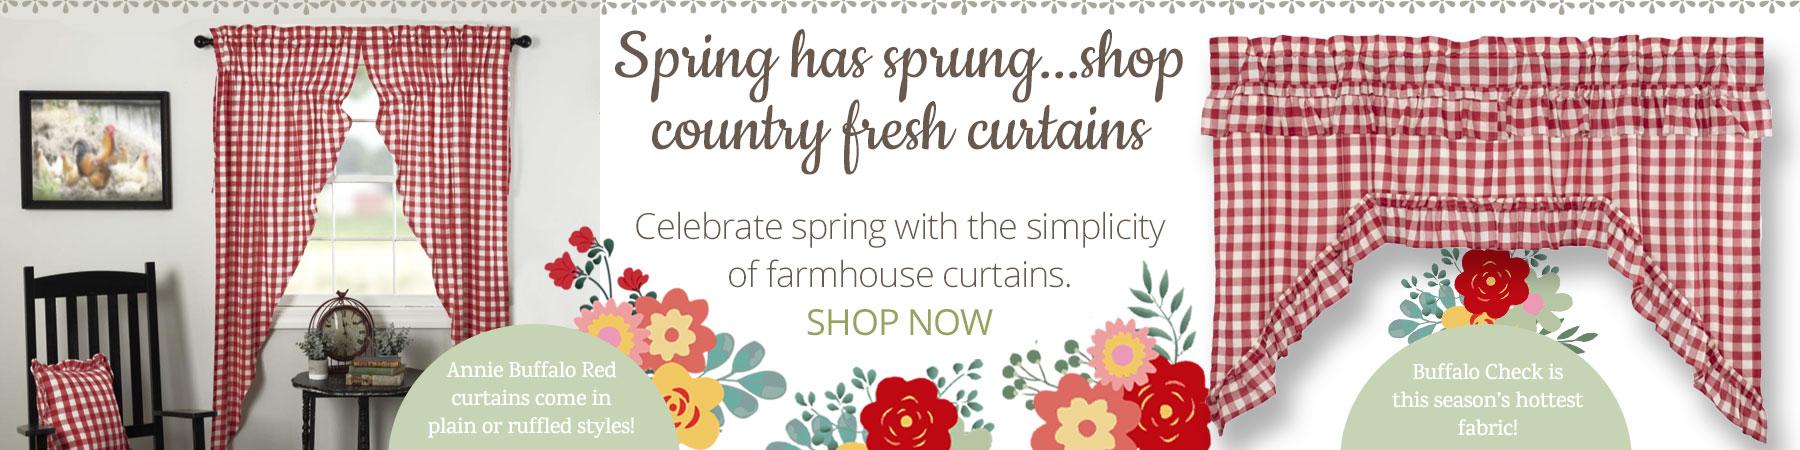 Farmhouse style Annie Buffalo Country Curtains